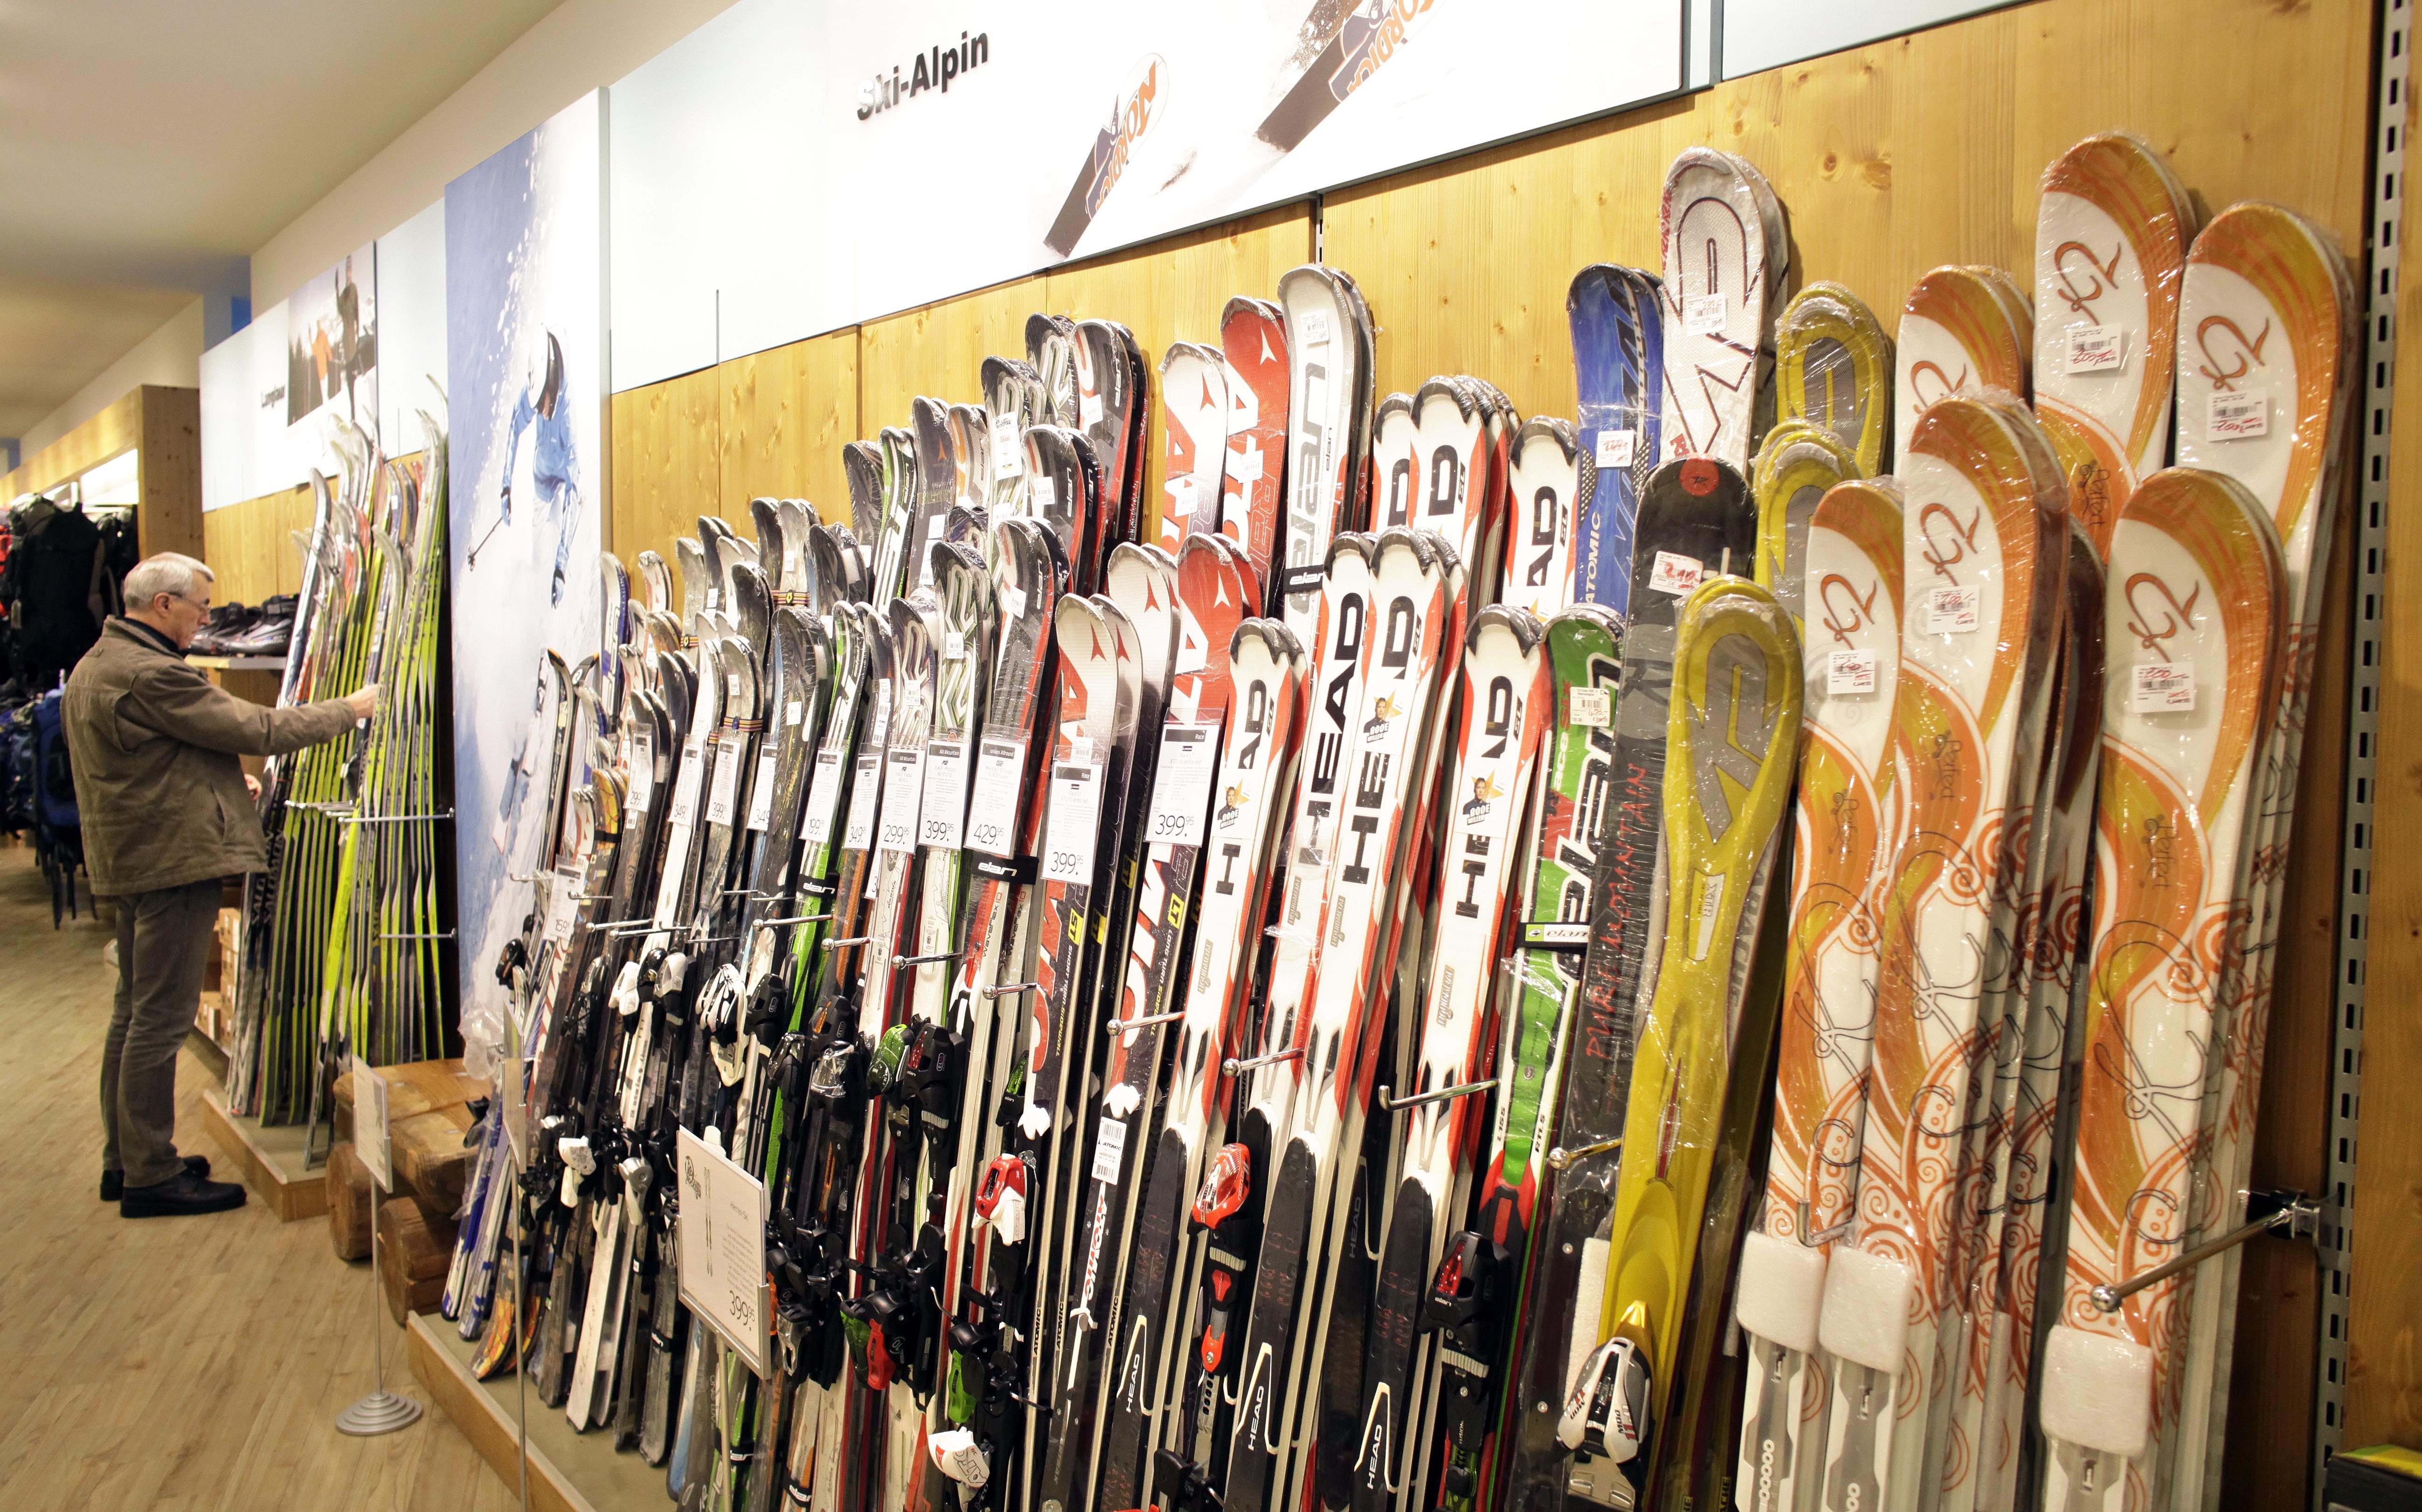 Kletterausrüstung Lagern : Wie soll man ski am besten lagern?